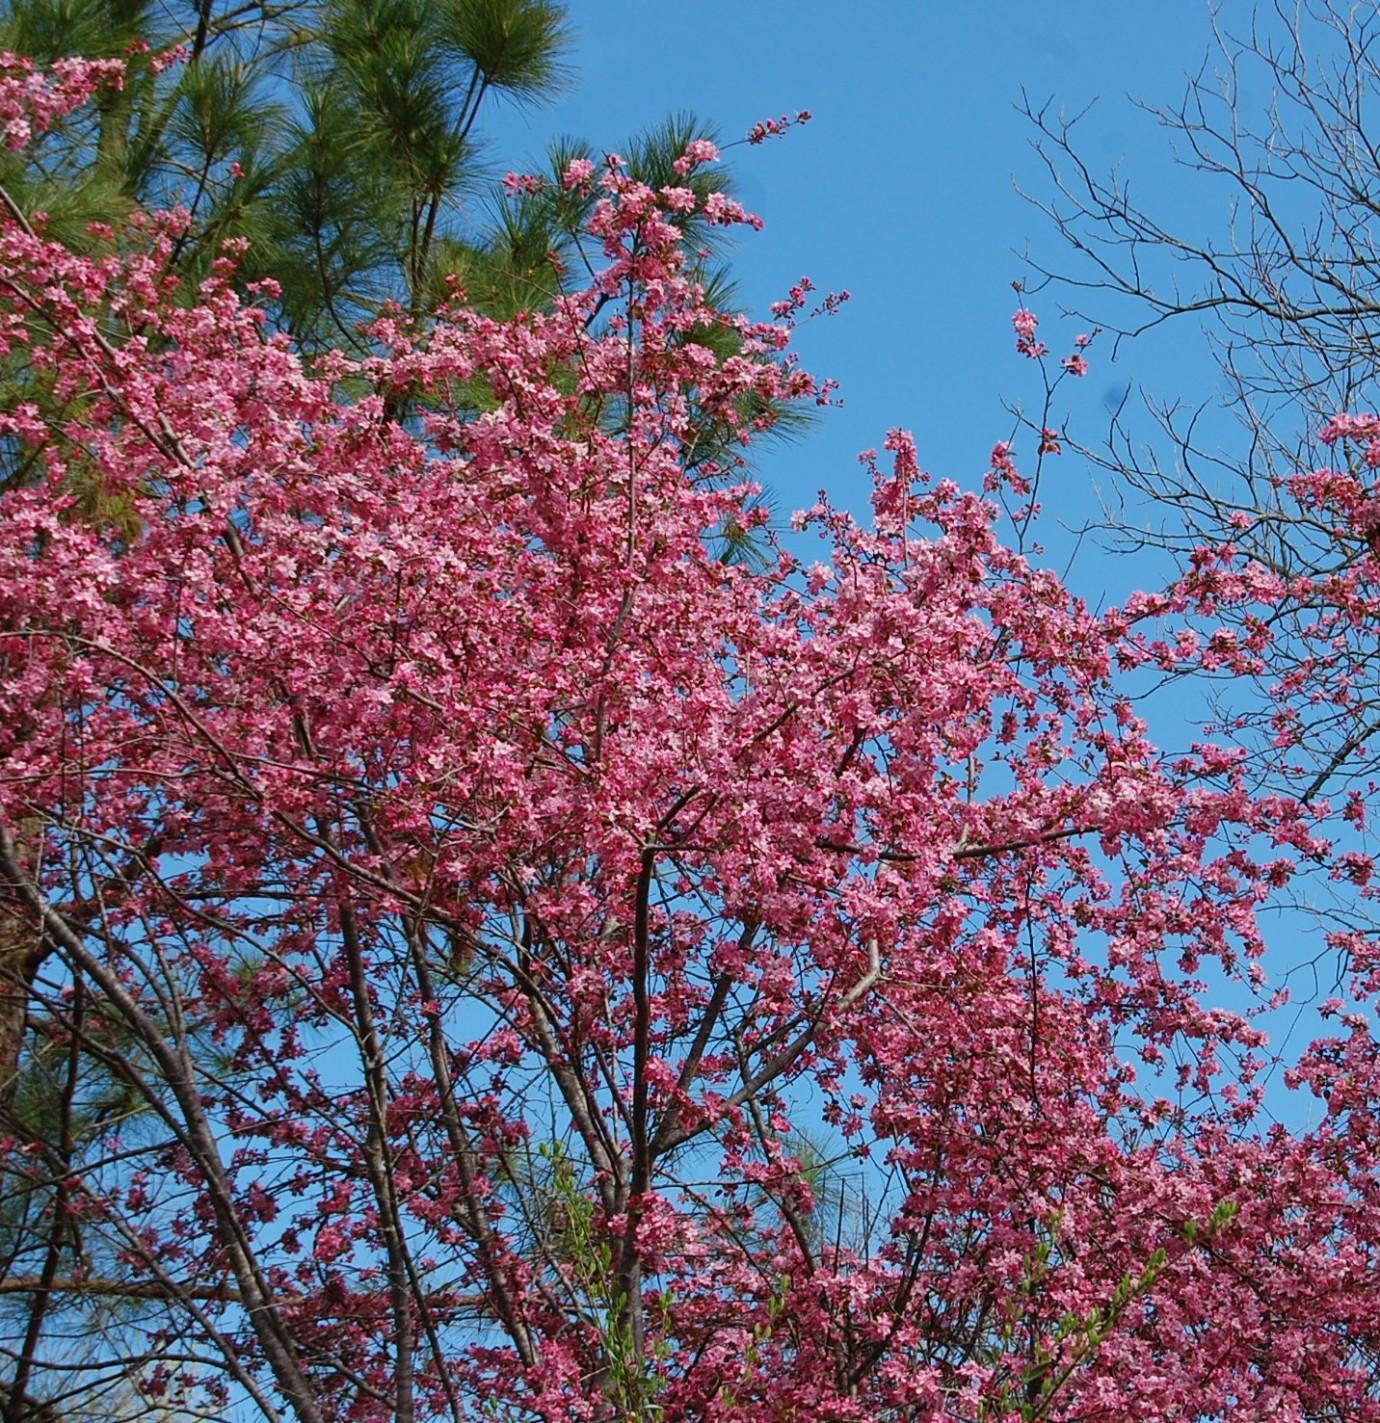 Full bloom tree top